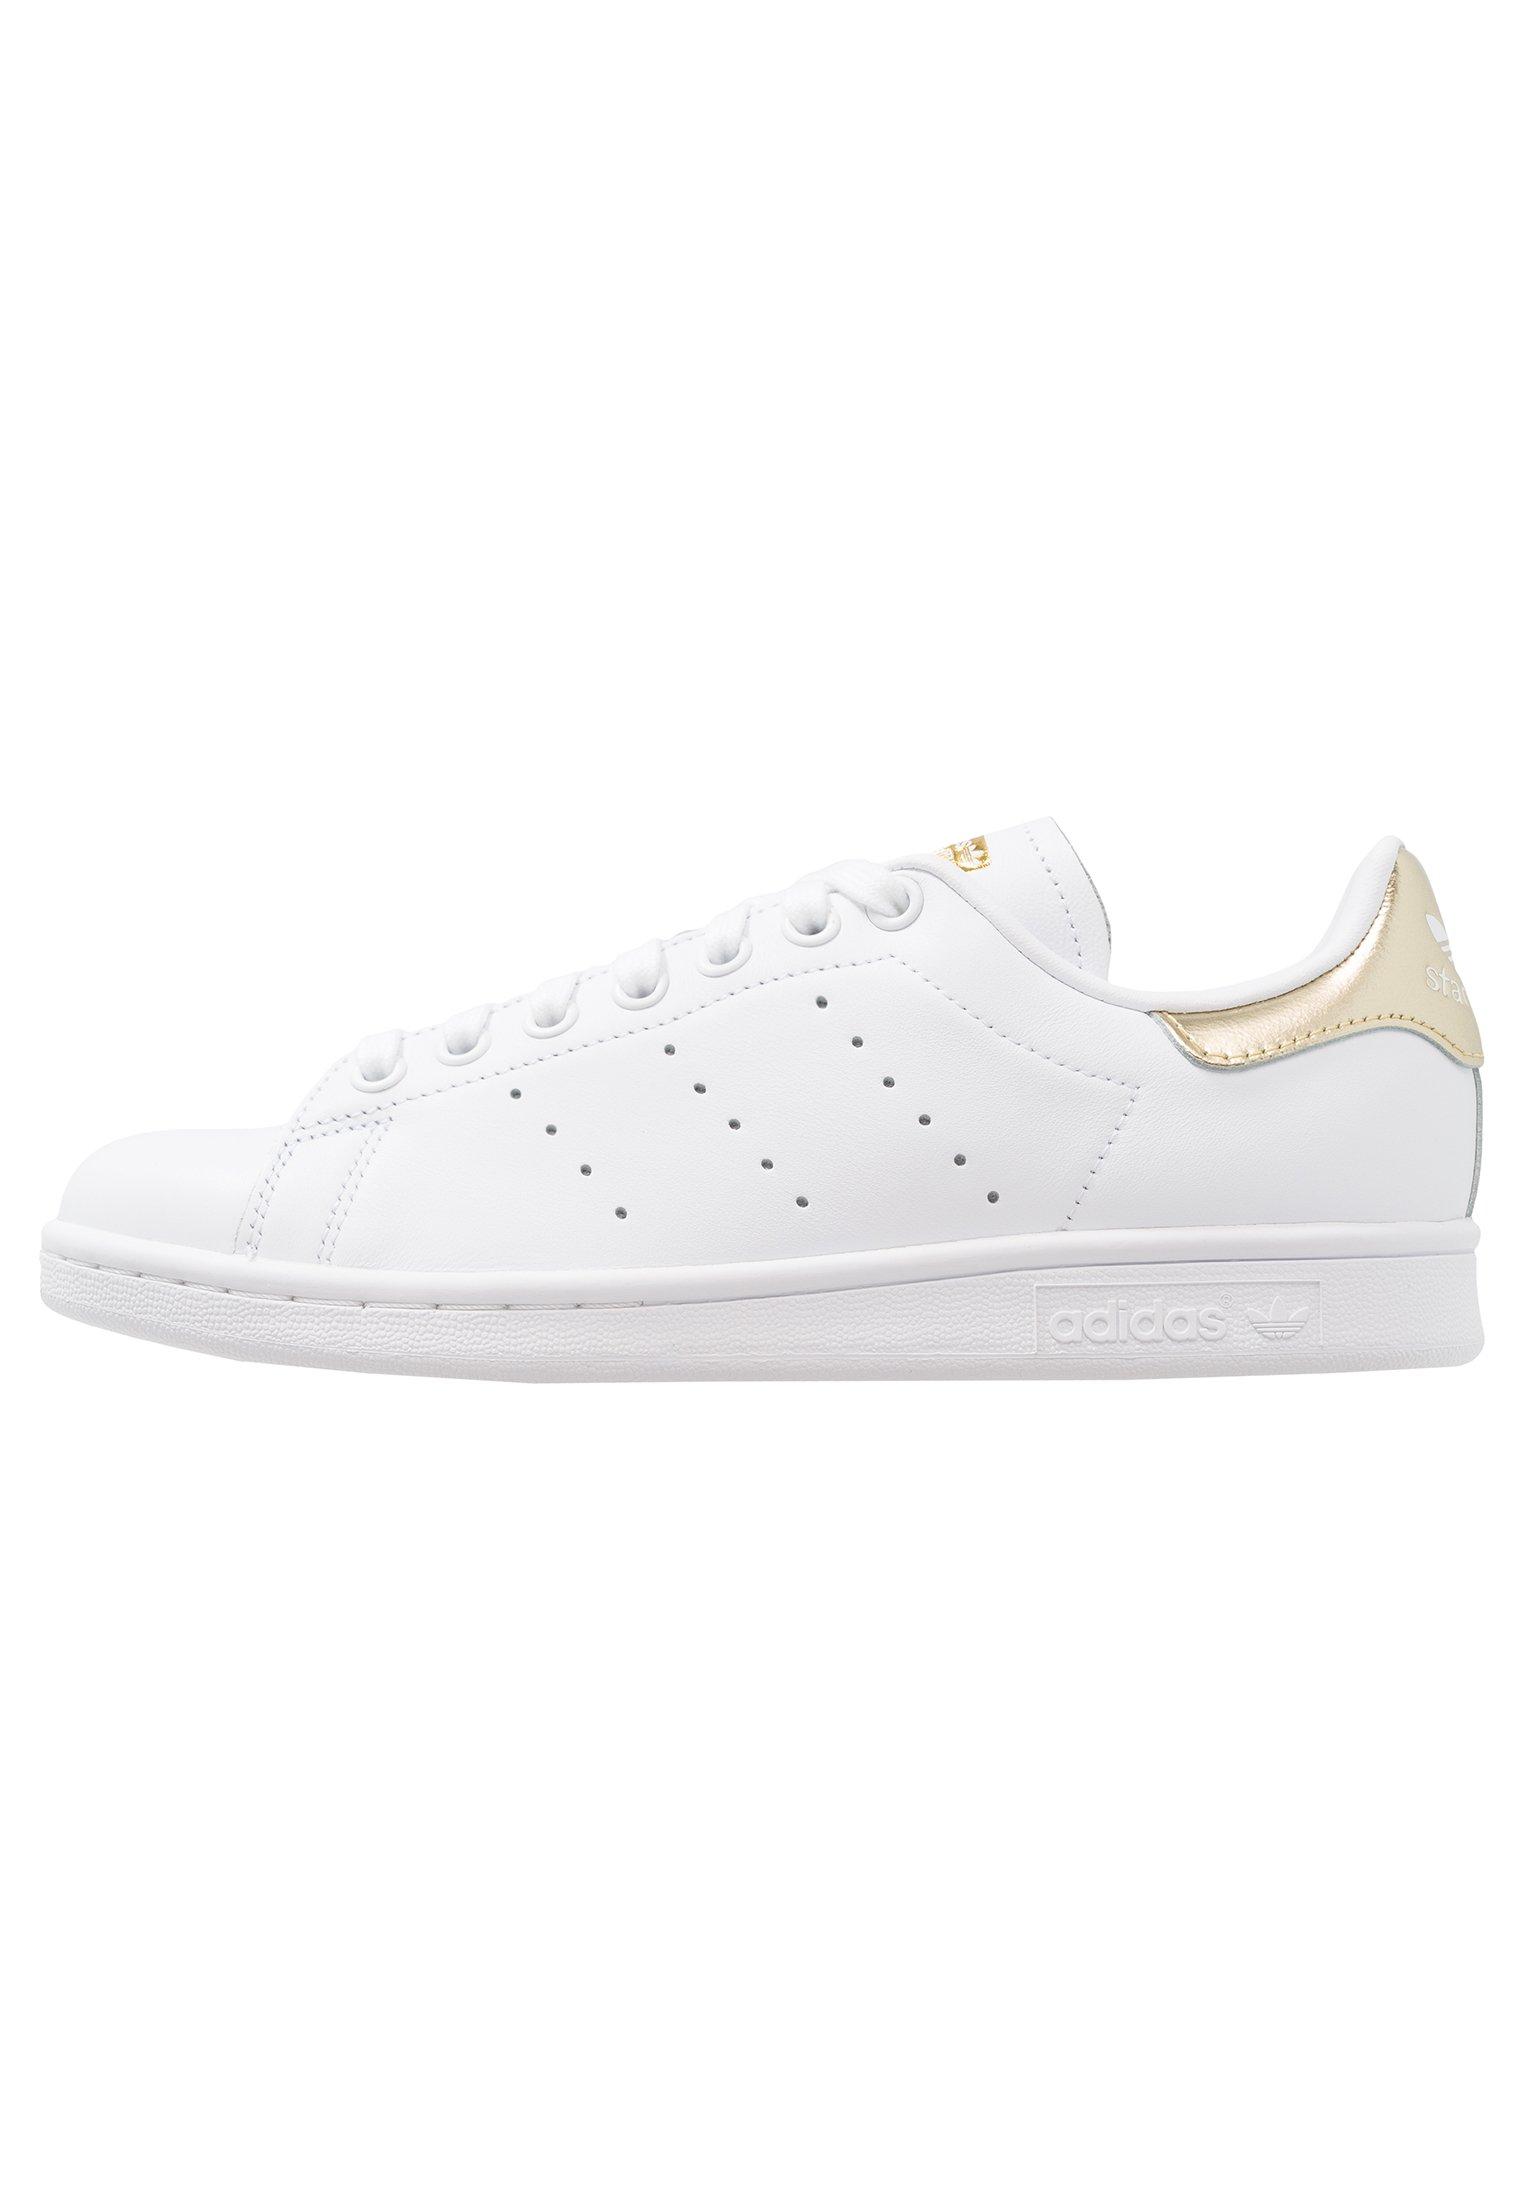 STAN SMITH Sneaker low footwear whitegold metallic